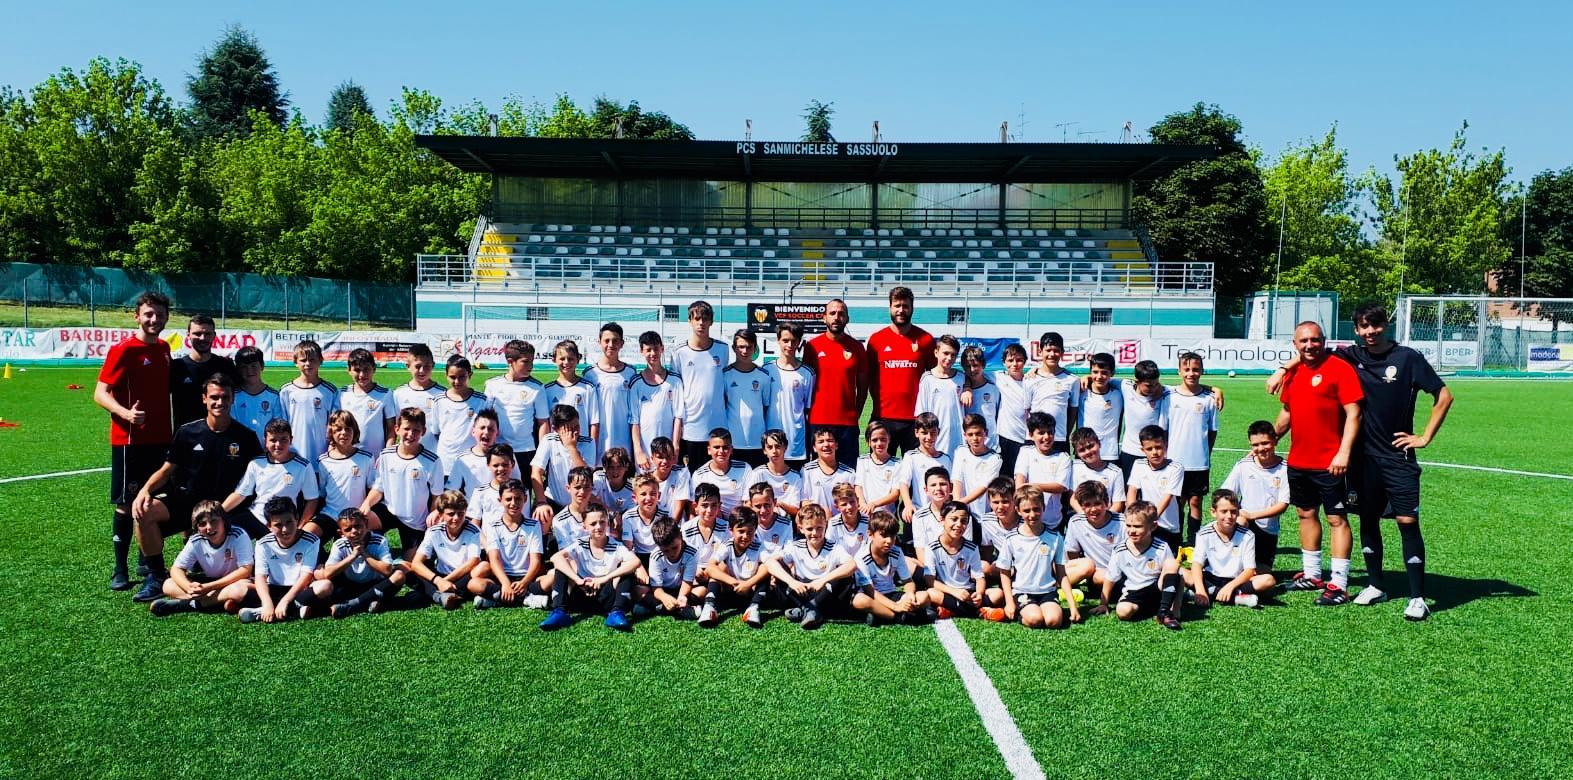 Tanto calcio e divertimento alla Sanmichelese per 60 bambini